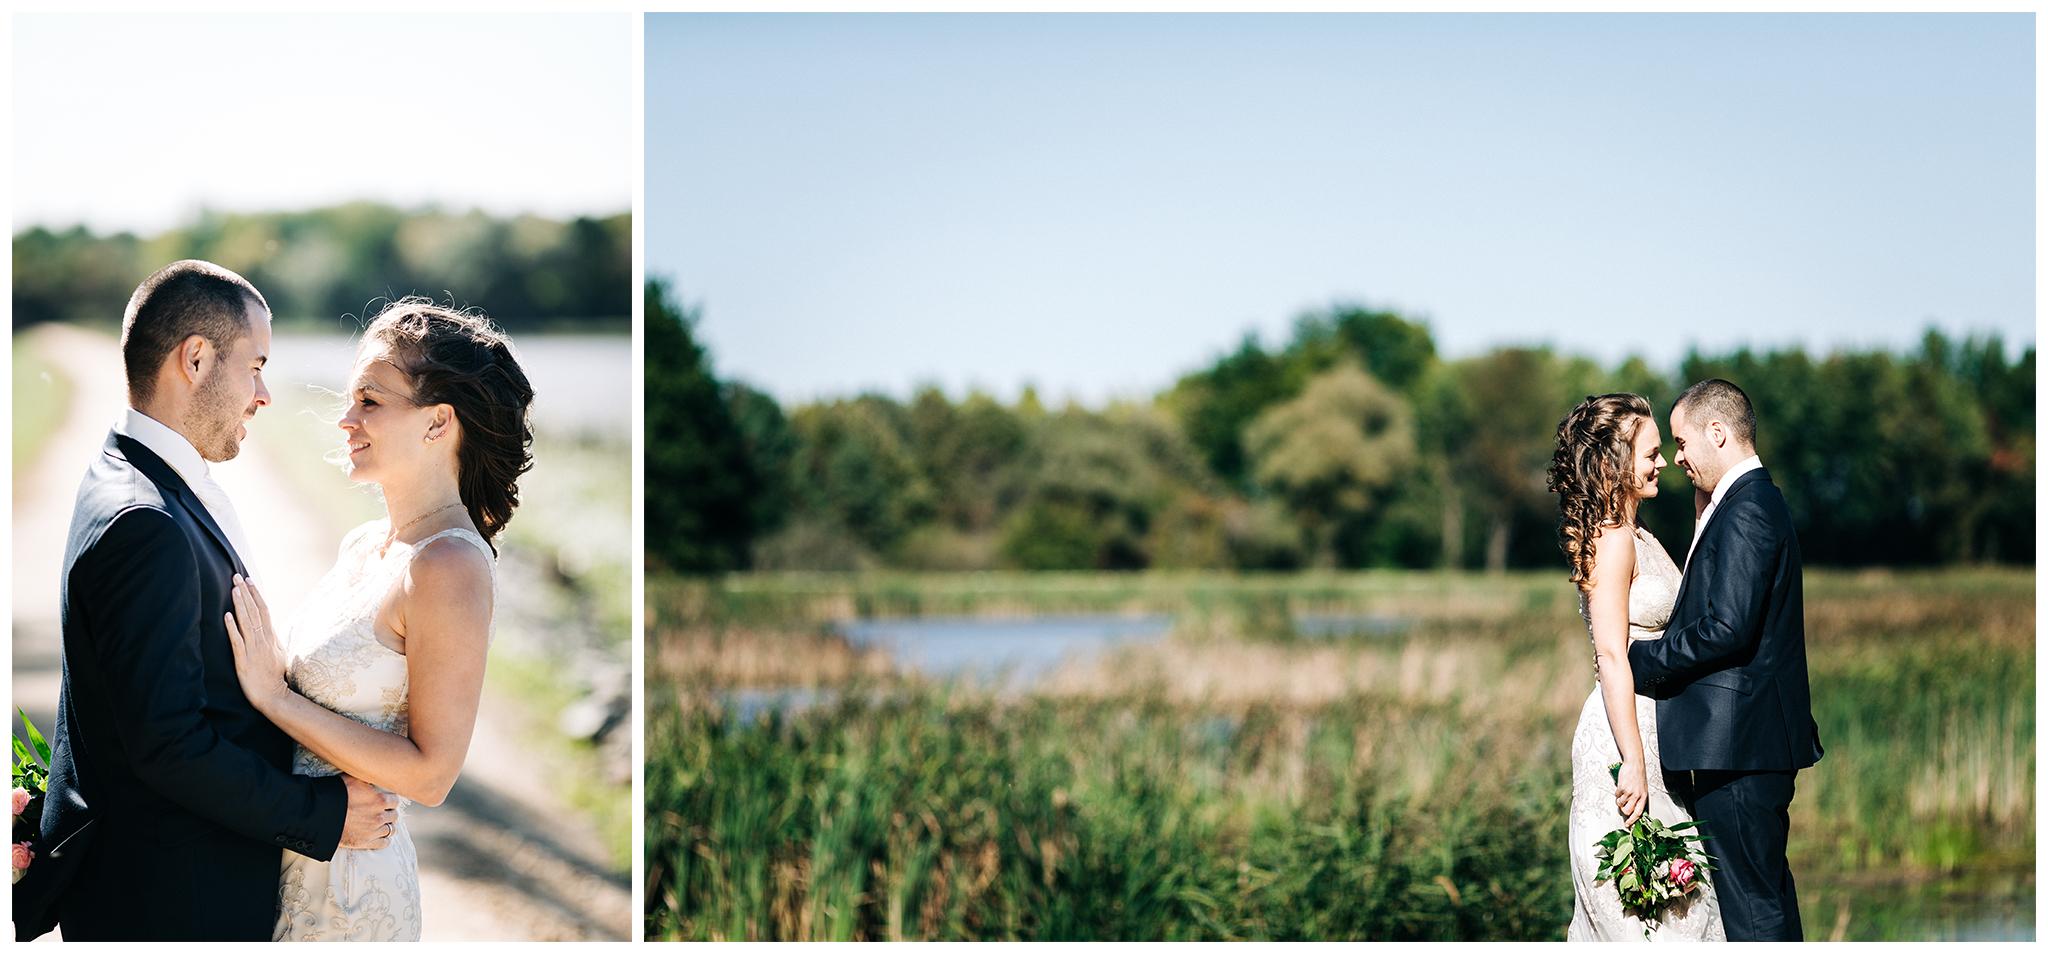 Esküvőfotós Vasmegye, Esküvő fotózás, Esküvői fotós, Körmend,Őrség, Balaton, Vas megye, Dunántúl, Budapest, Fülöp Péter, Jegyes fotózás, jegyes, Balaton, kreatívfotózás,Wien,Ausztira,Österreich,hochzeitsfotograf_ZSB_8.jpg